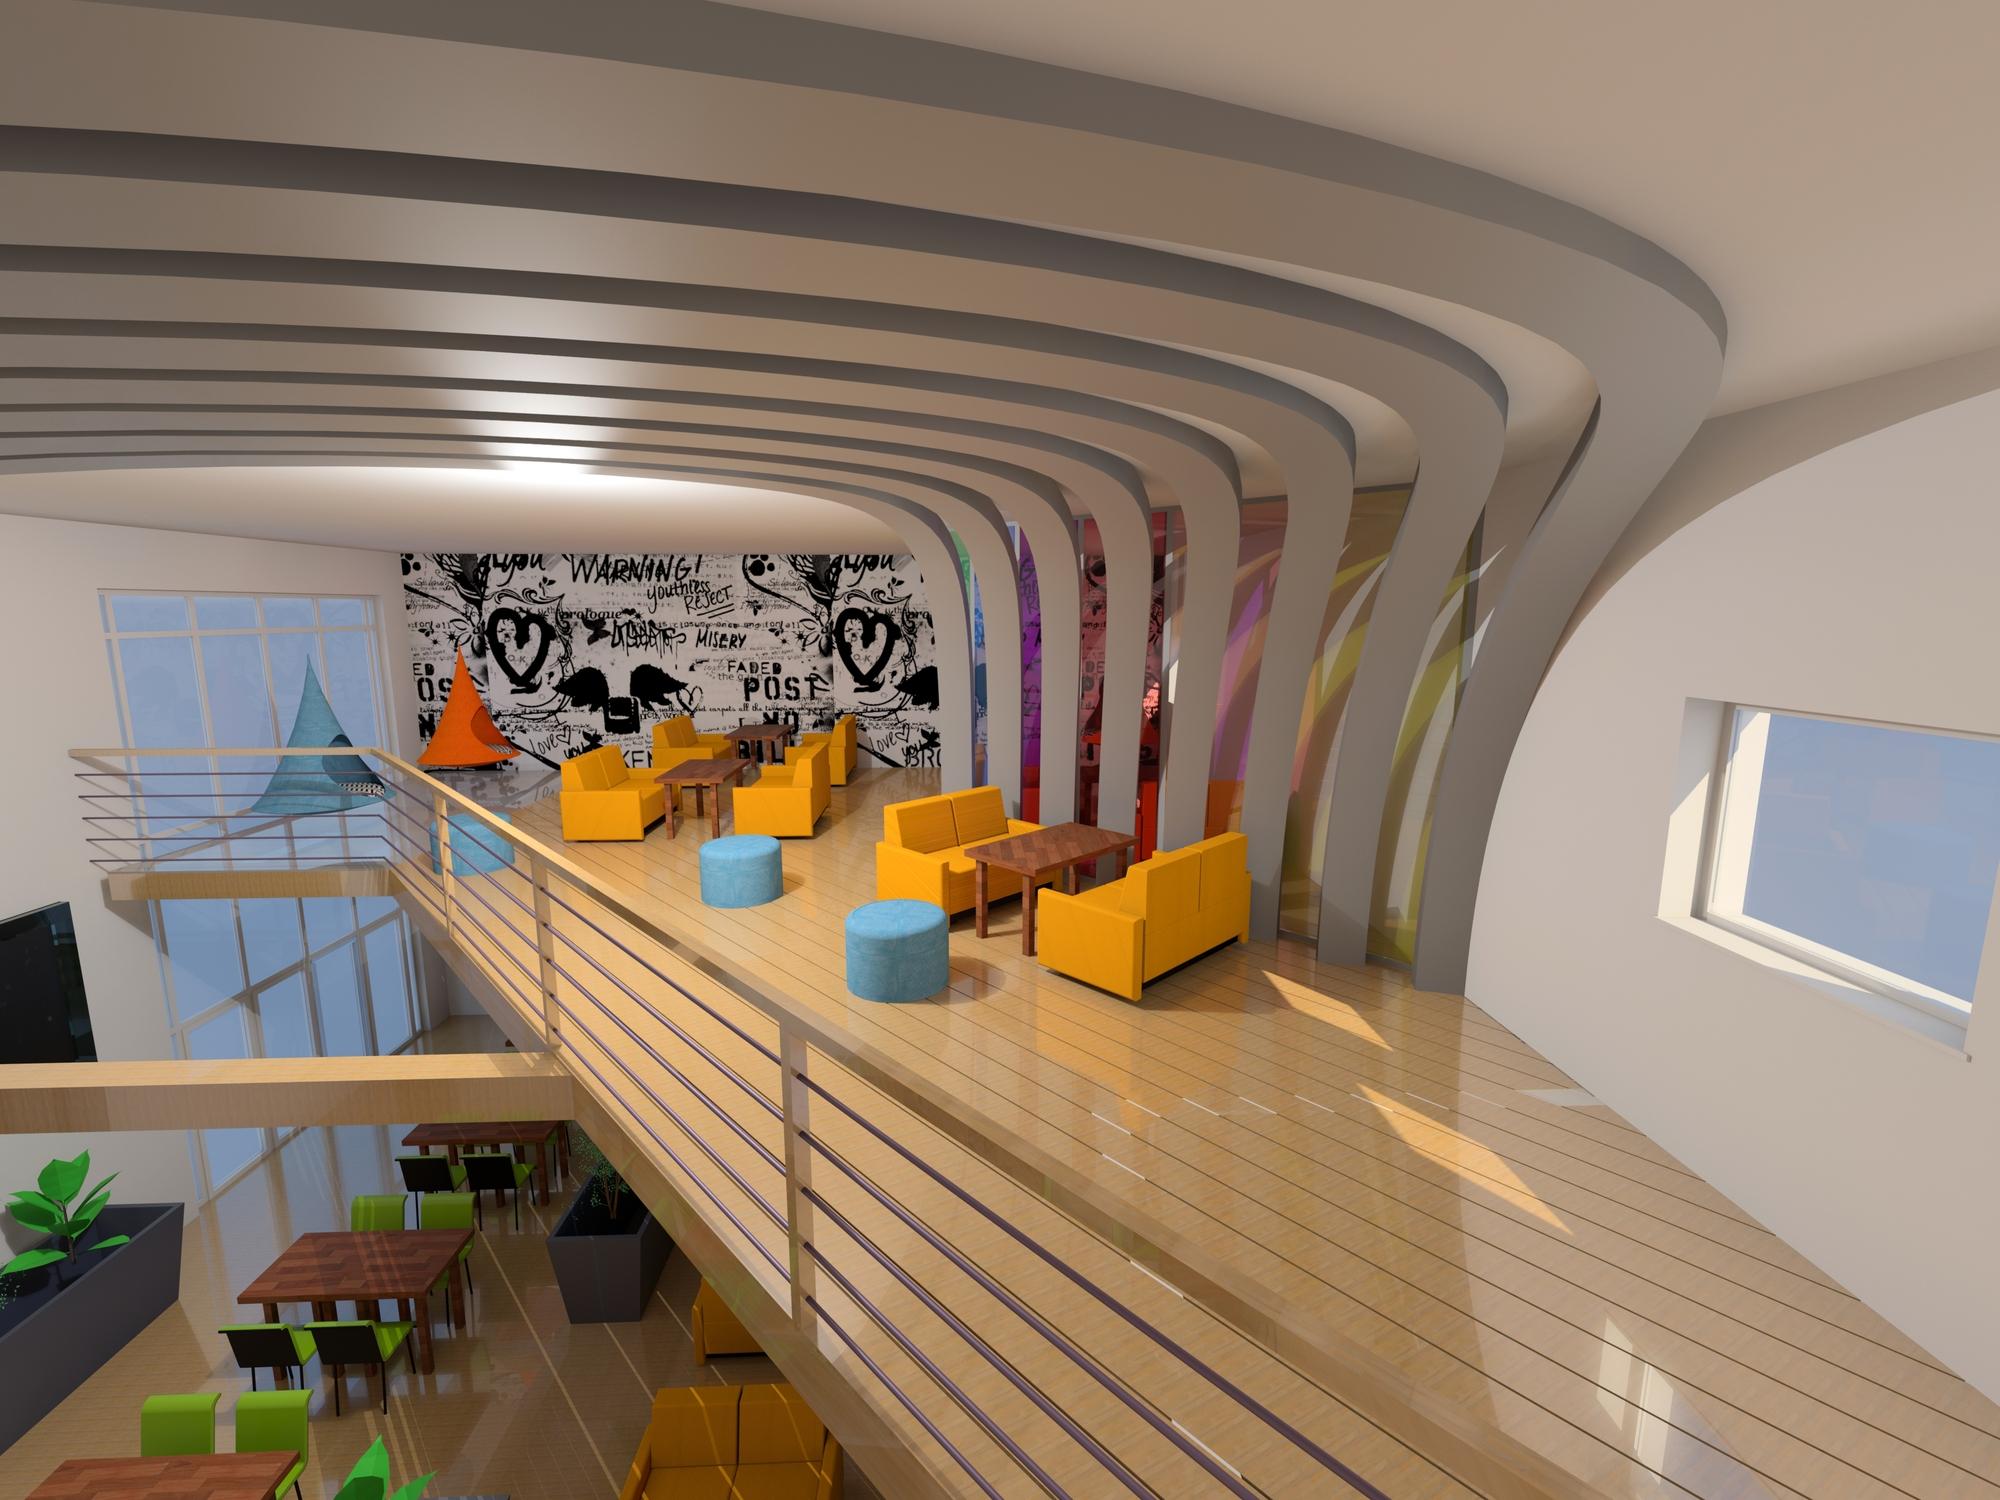 Raas-rendering20141127-25918-1e5jwlj